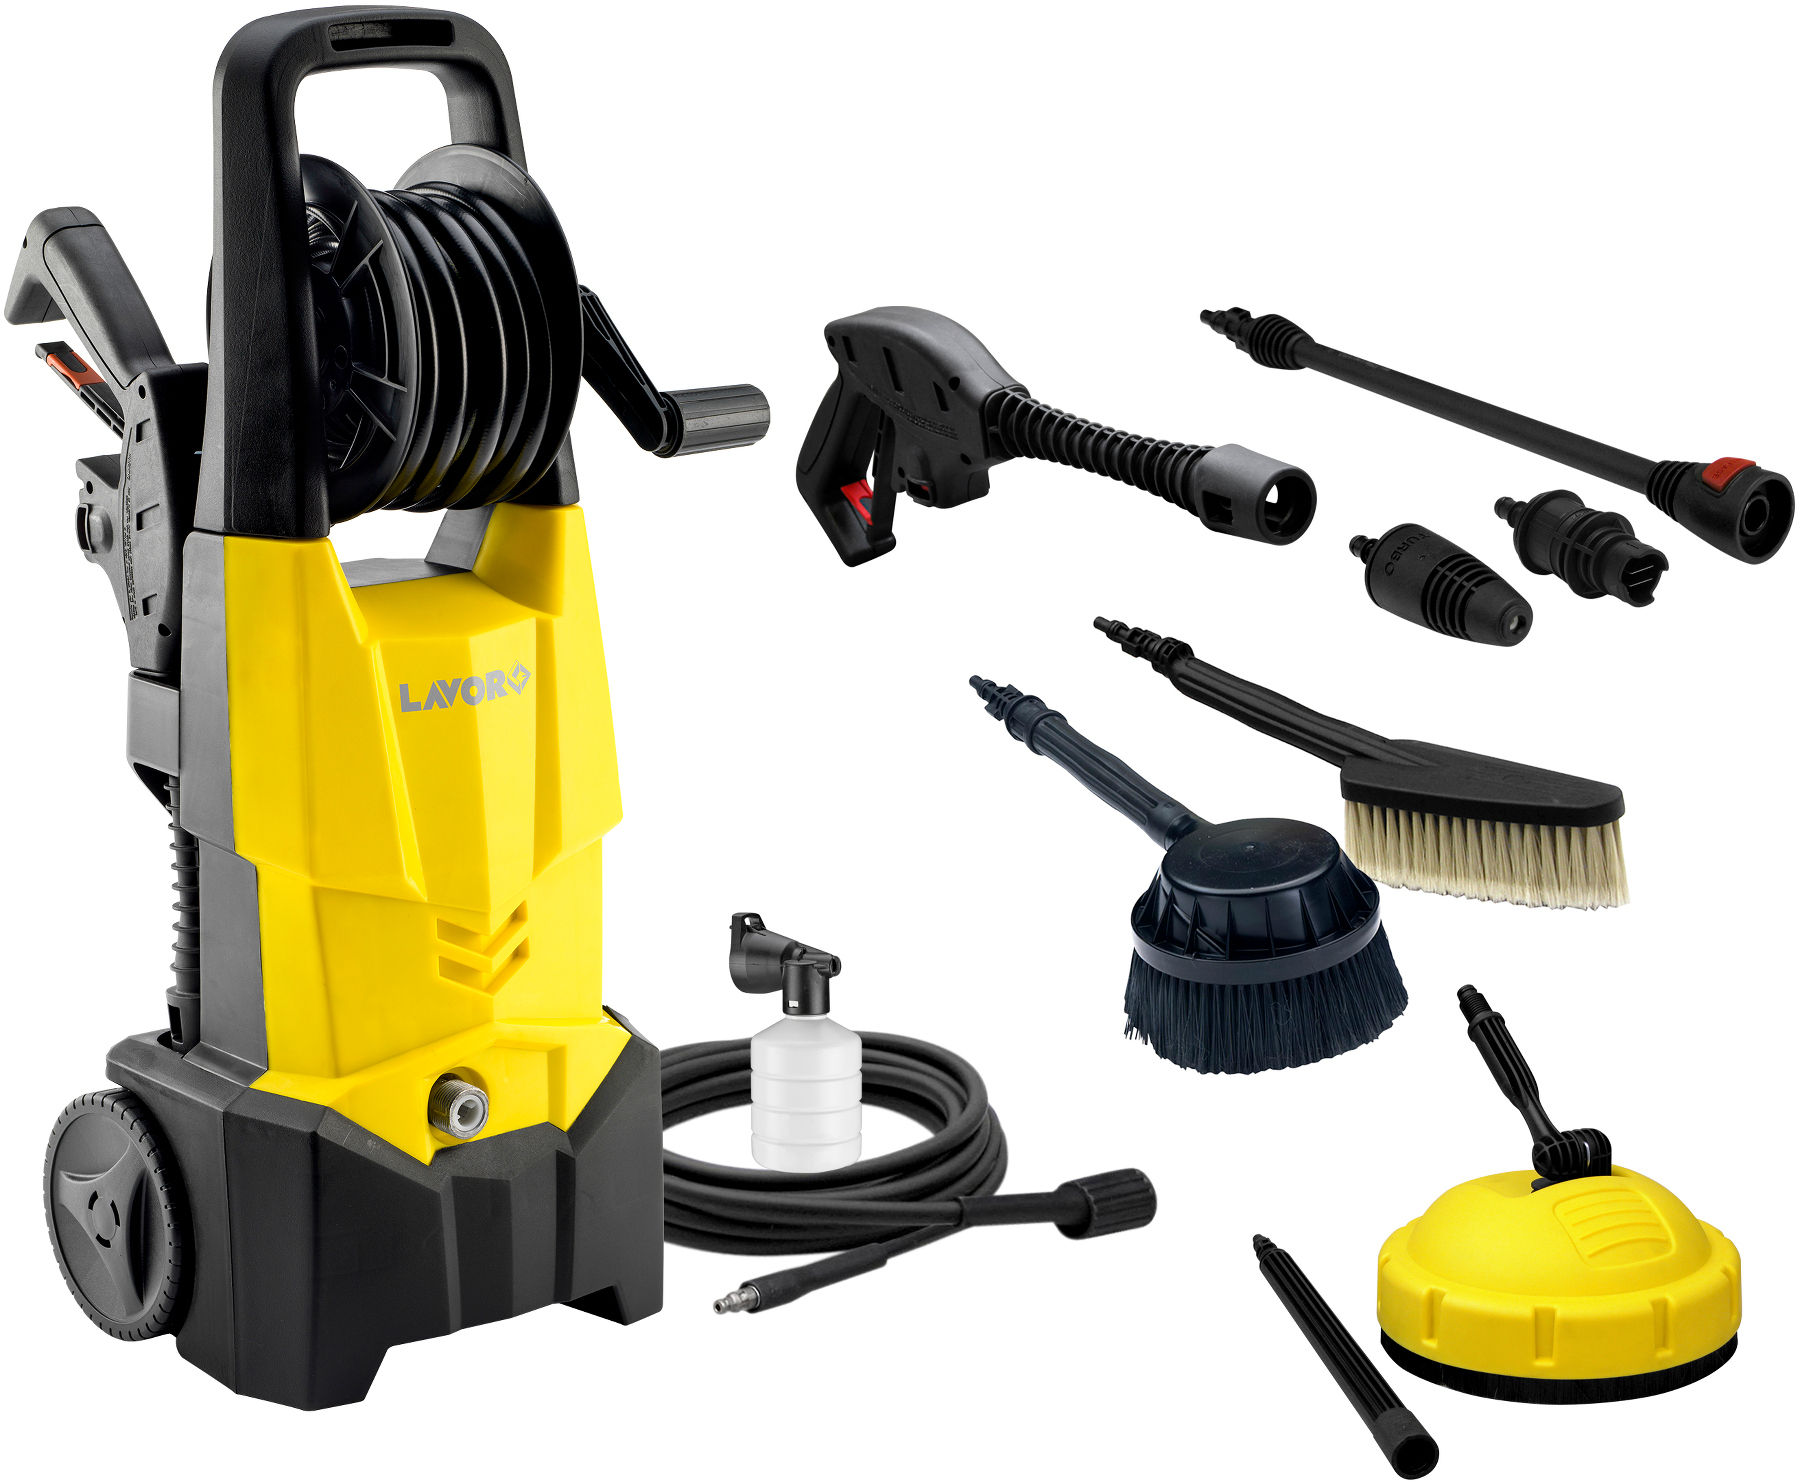 Моющее оборудование высокого давления - Lavor ONE EXTRA 135 Мойка высокого давления